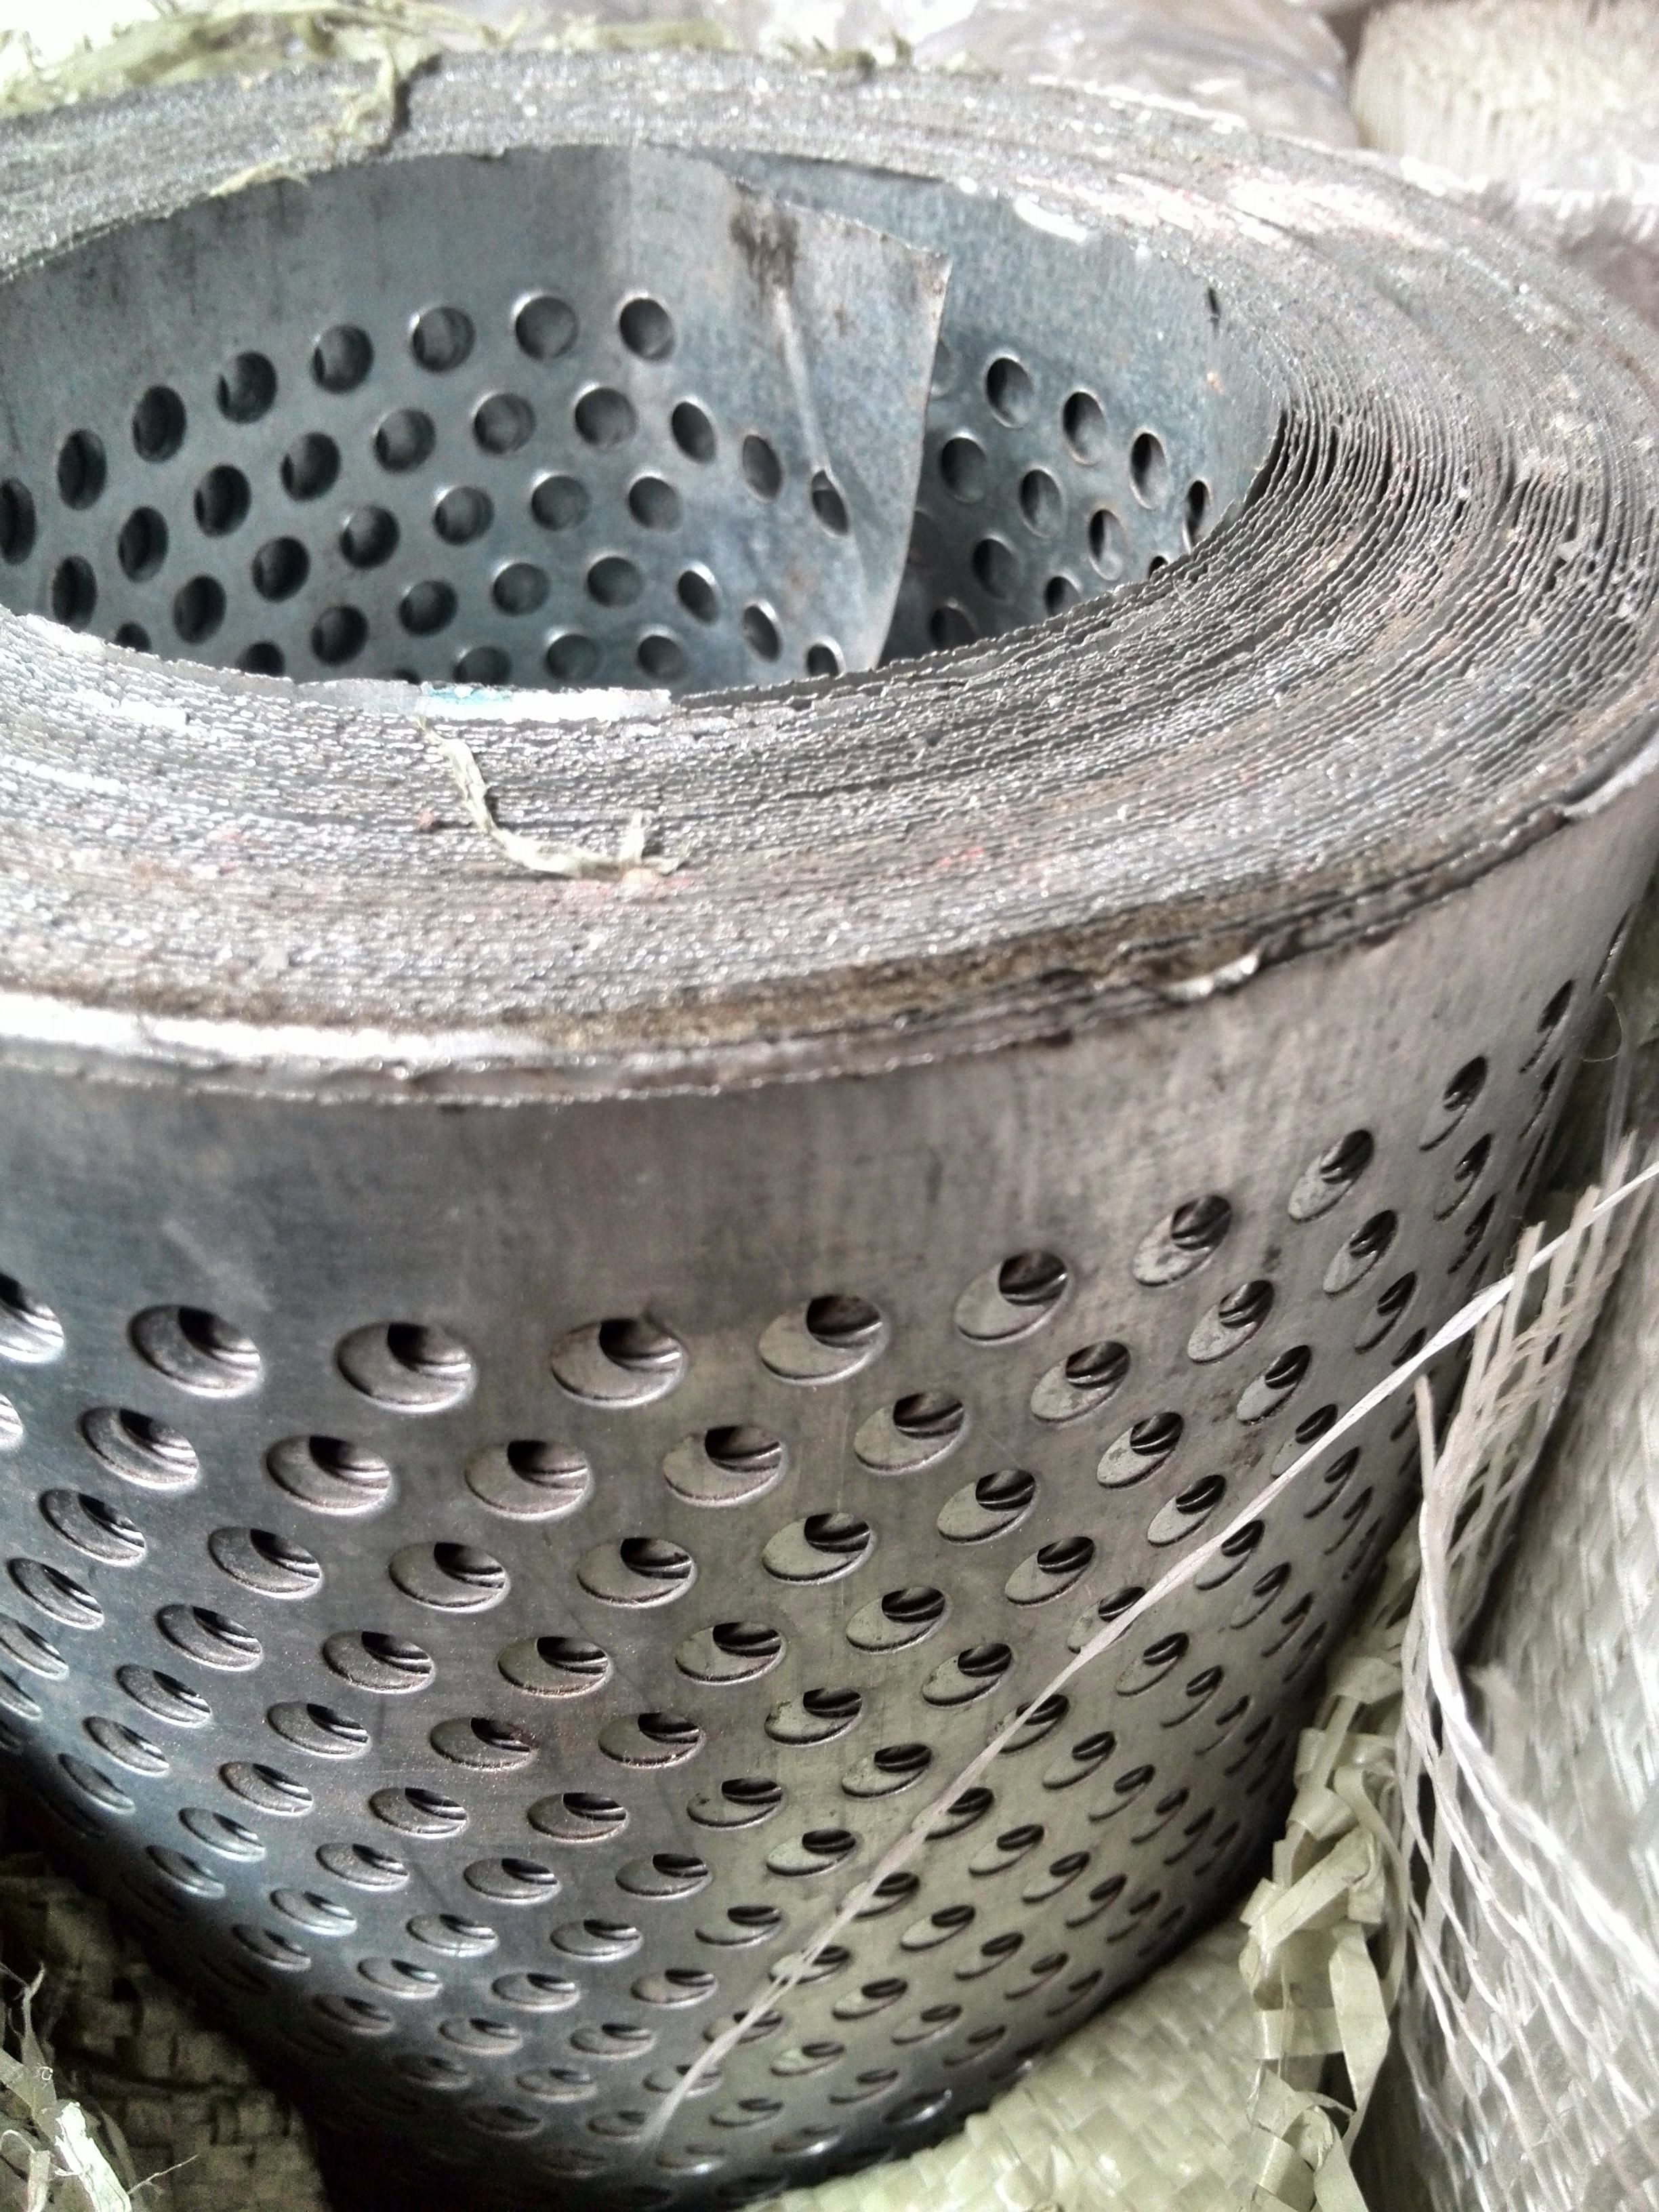 冲孔网卷板冲孔网镀锌冲孔网机械筛网防护罩 厂家直销  加工定做